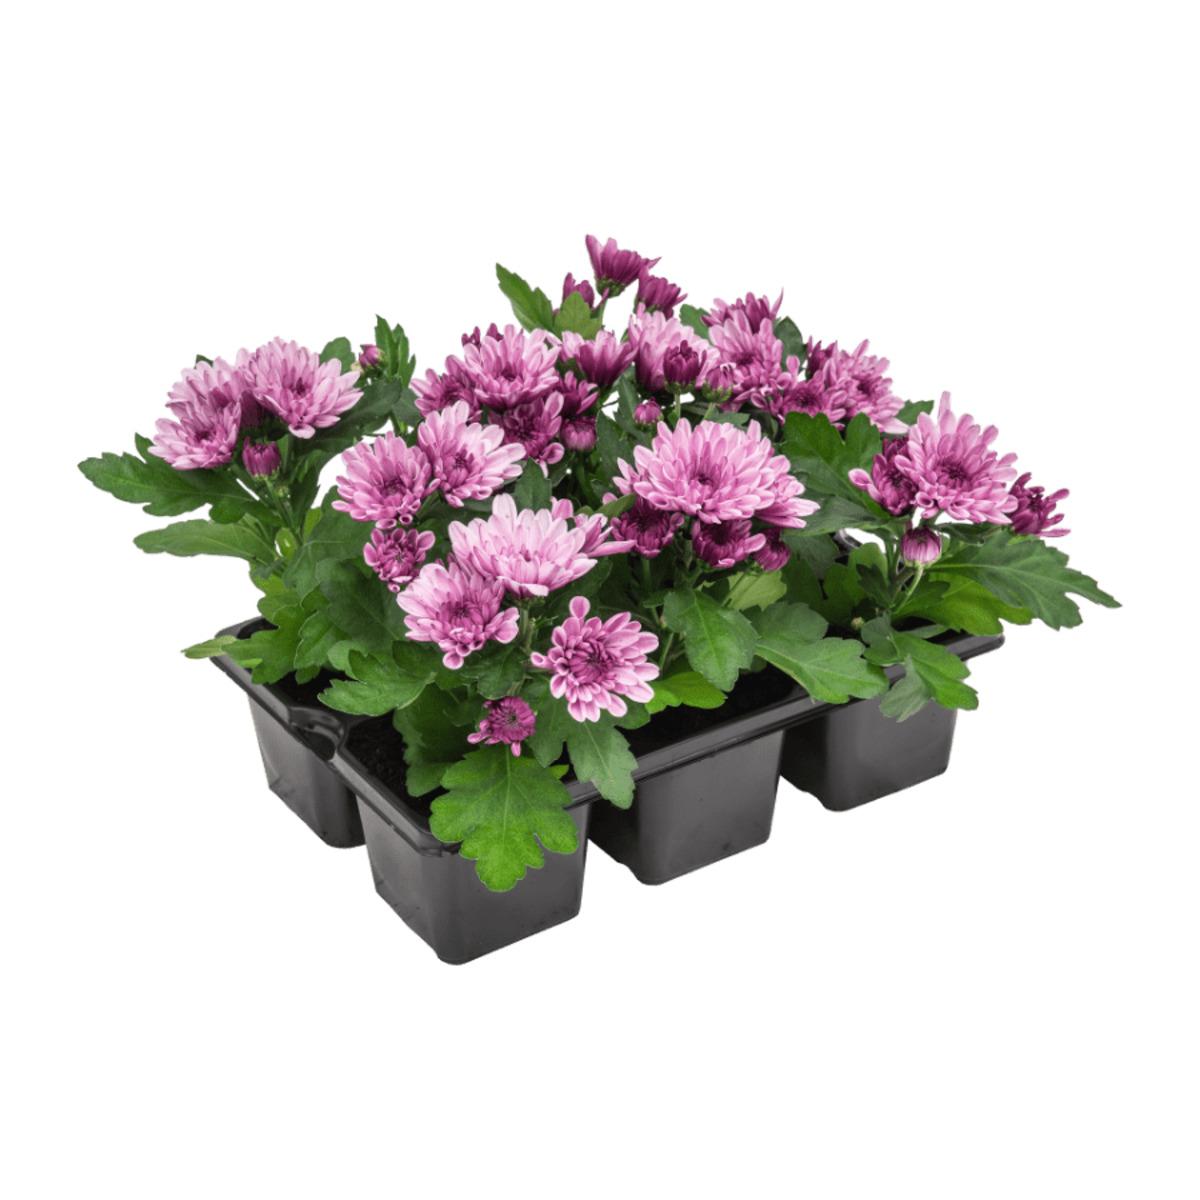 Bild 3 von GARDEN FEELINGS     Chrysanthemen